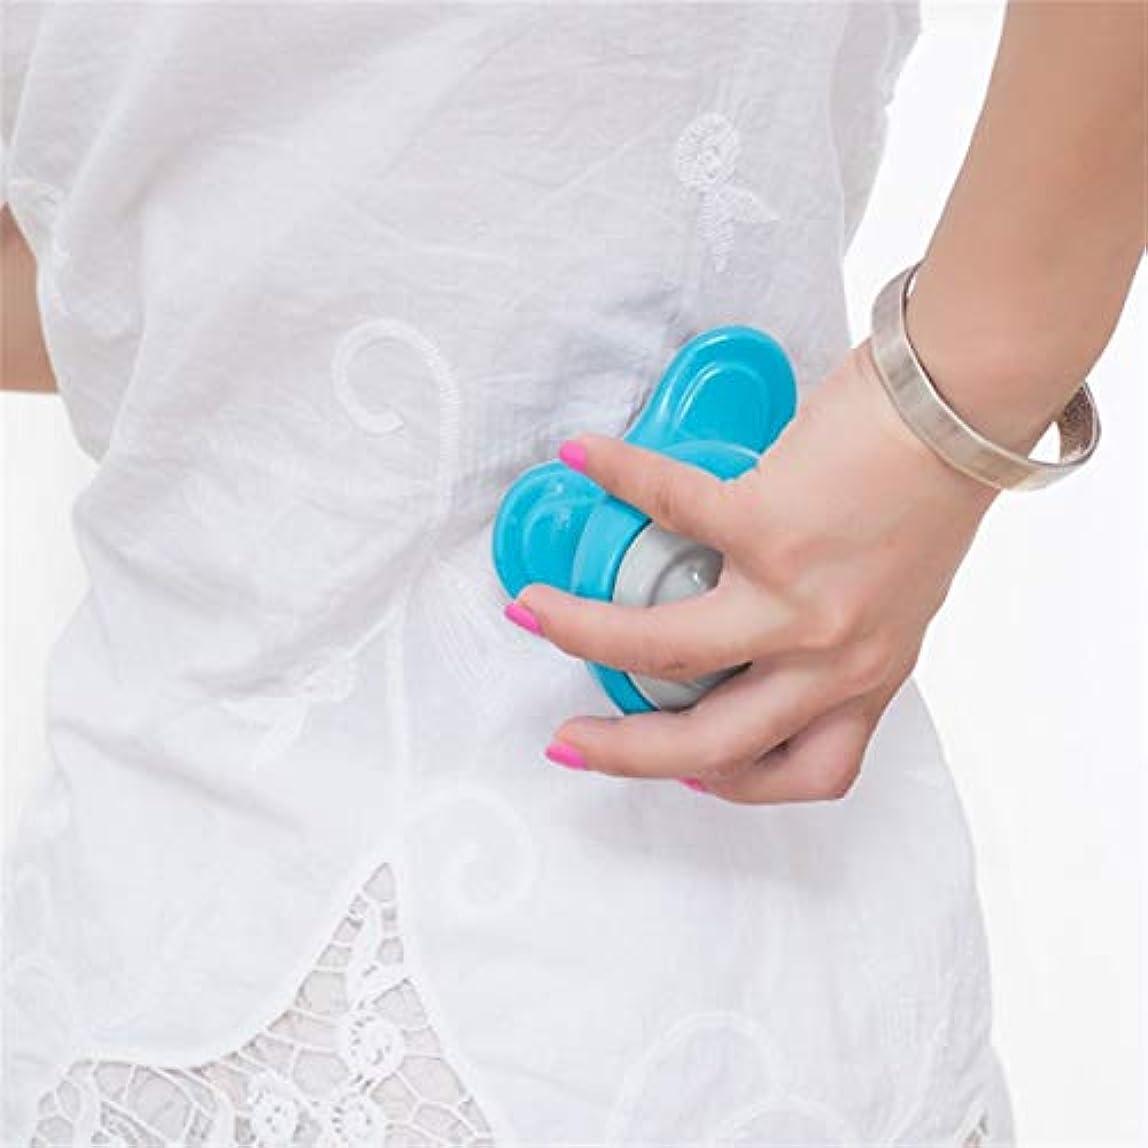 おんどり容疑者スムーズにMini Electric Handled Wave Vibrating Massager USB Battery Full Body Massage Ultra-compact Lightweight Convenient...